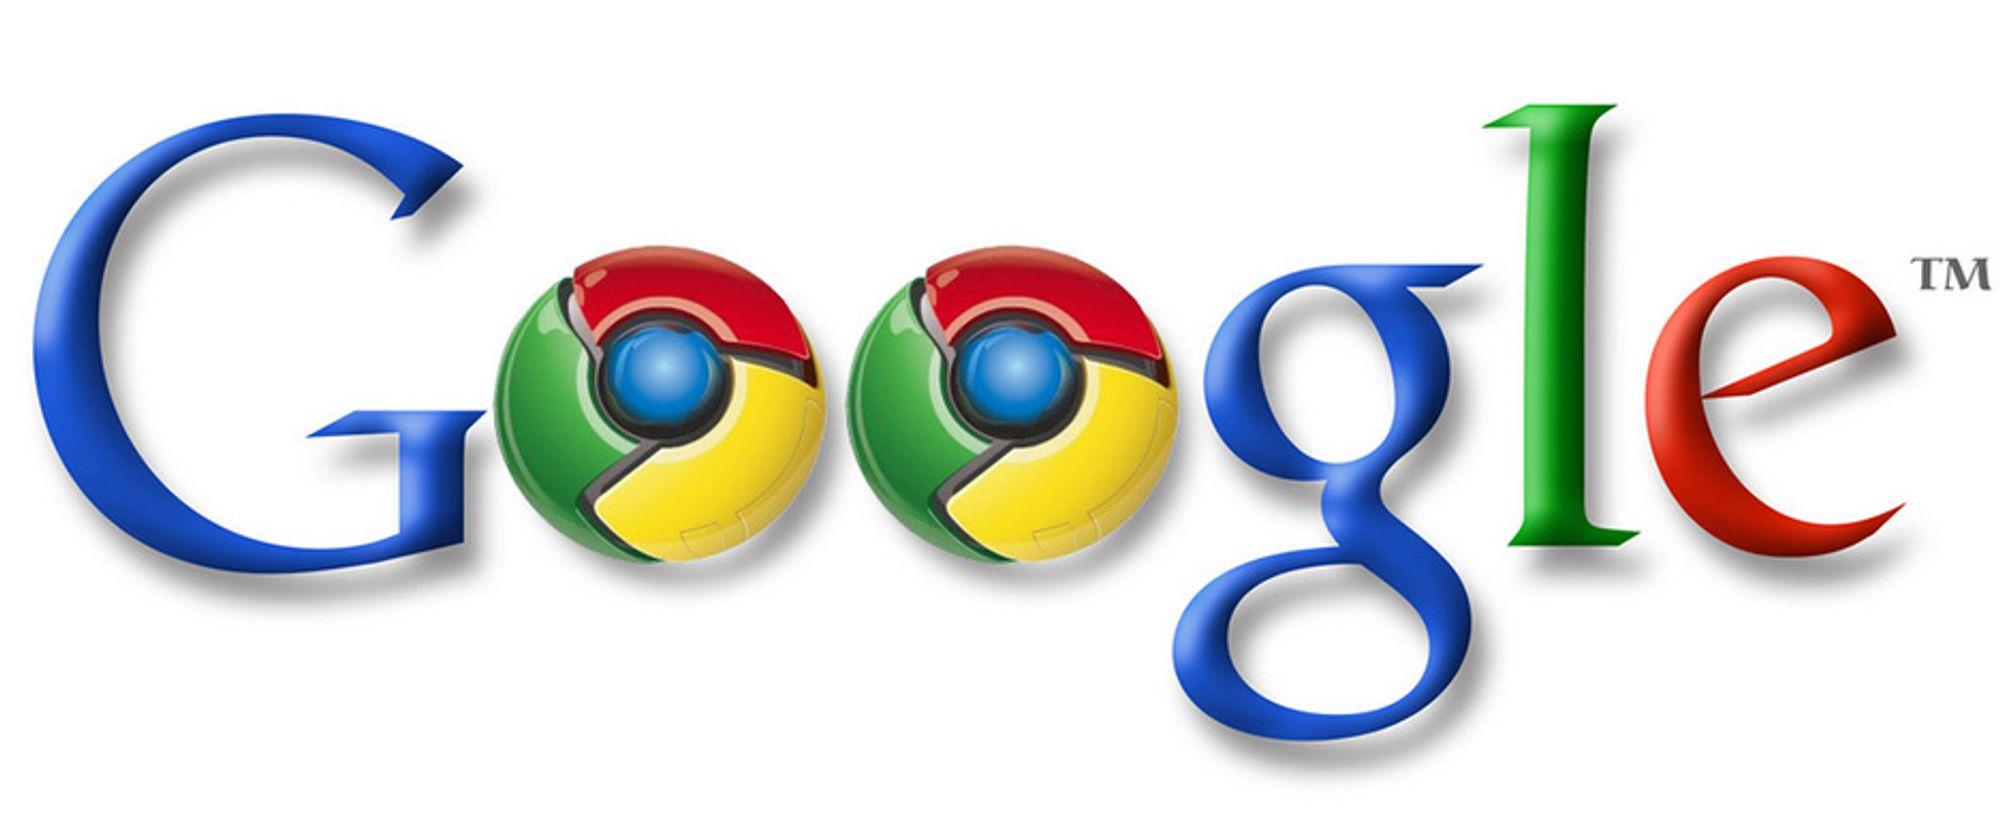 Ni måneder etter lanseringen av Google Chrome, kommer Google Chrome OS.